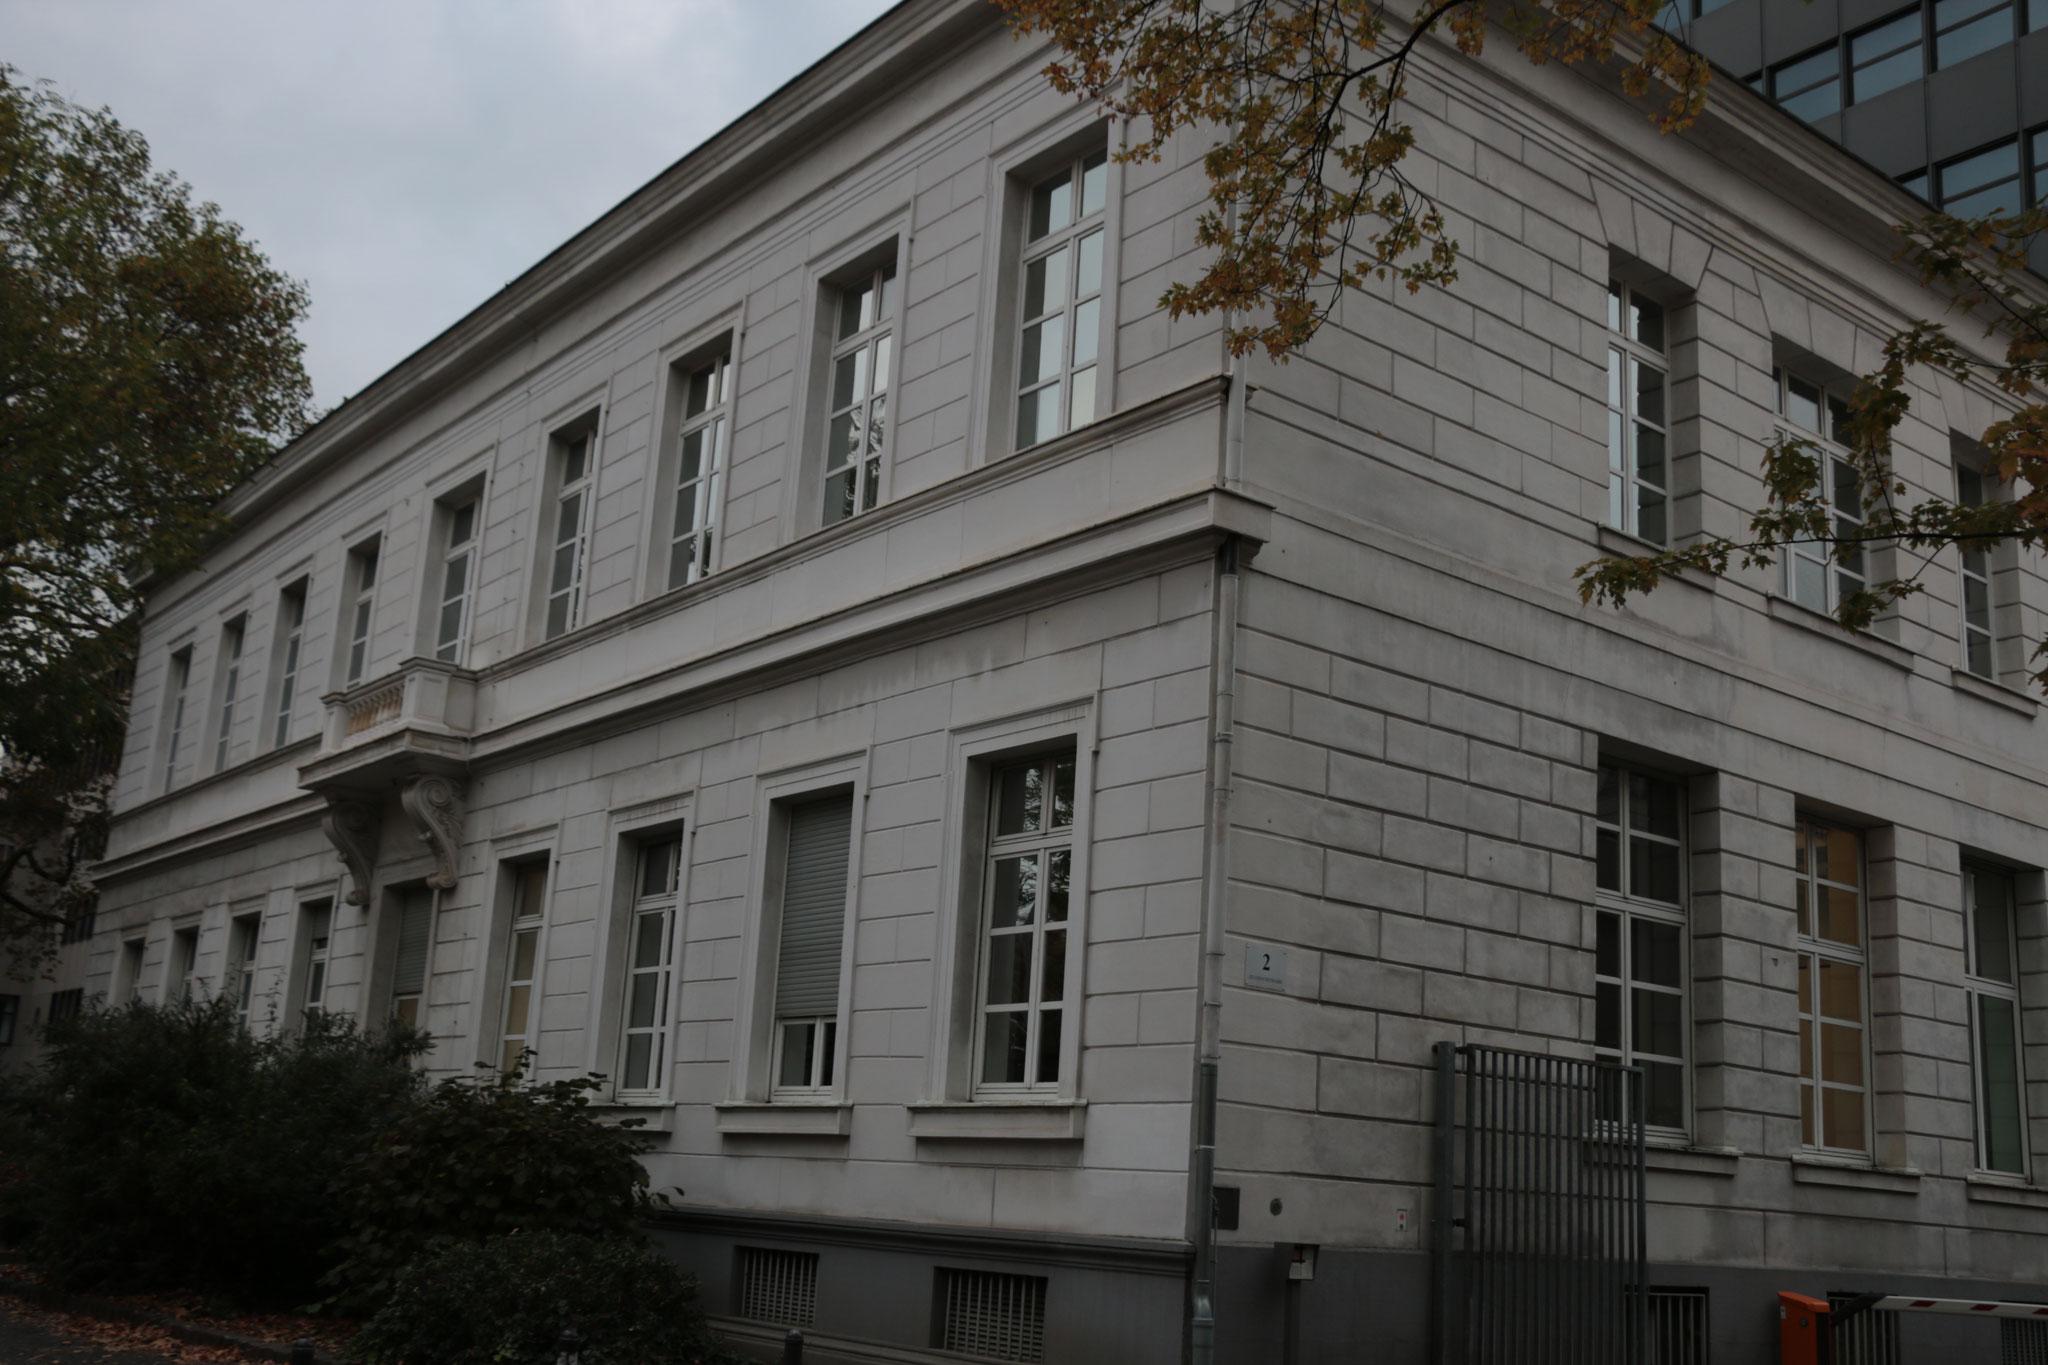 Preußen-Tour - Der noch erhaltene Ostflügel des Regierungspräsidiums (1832), heute Teil der Bezirksregierung Köln